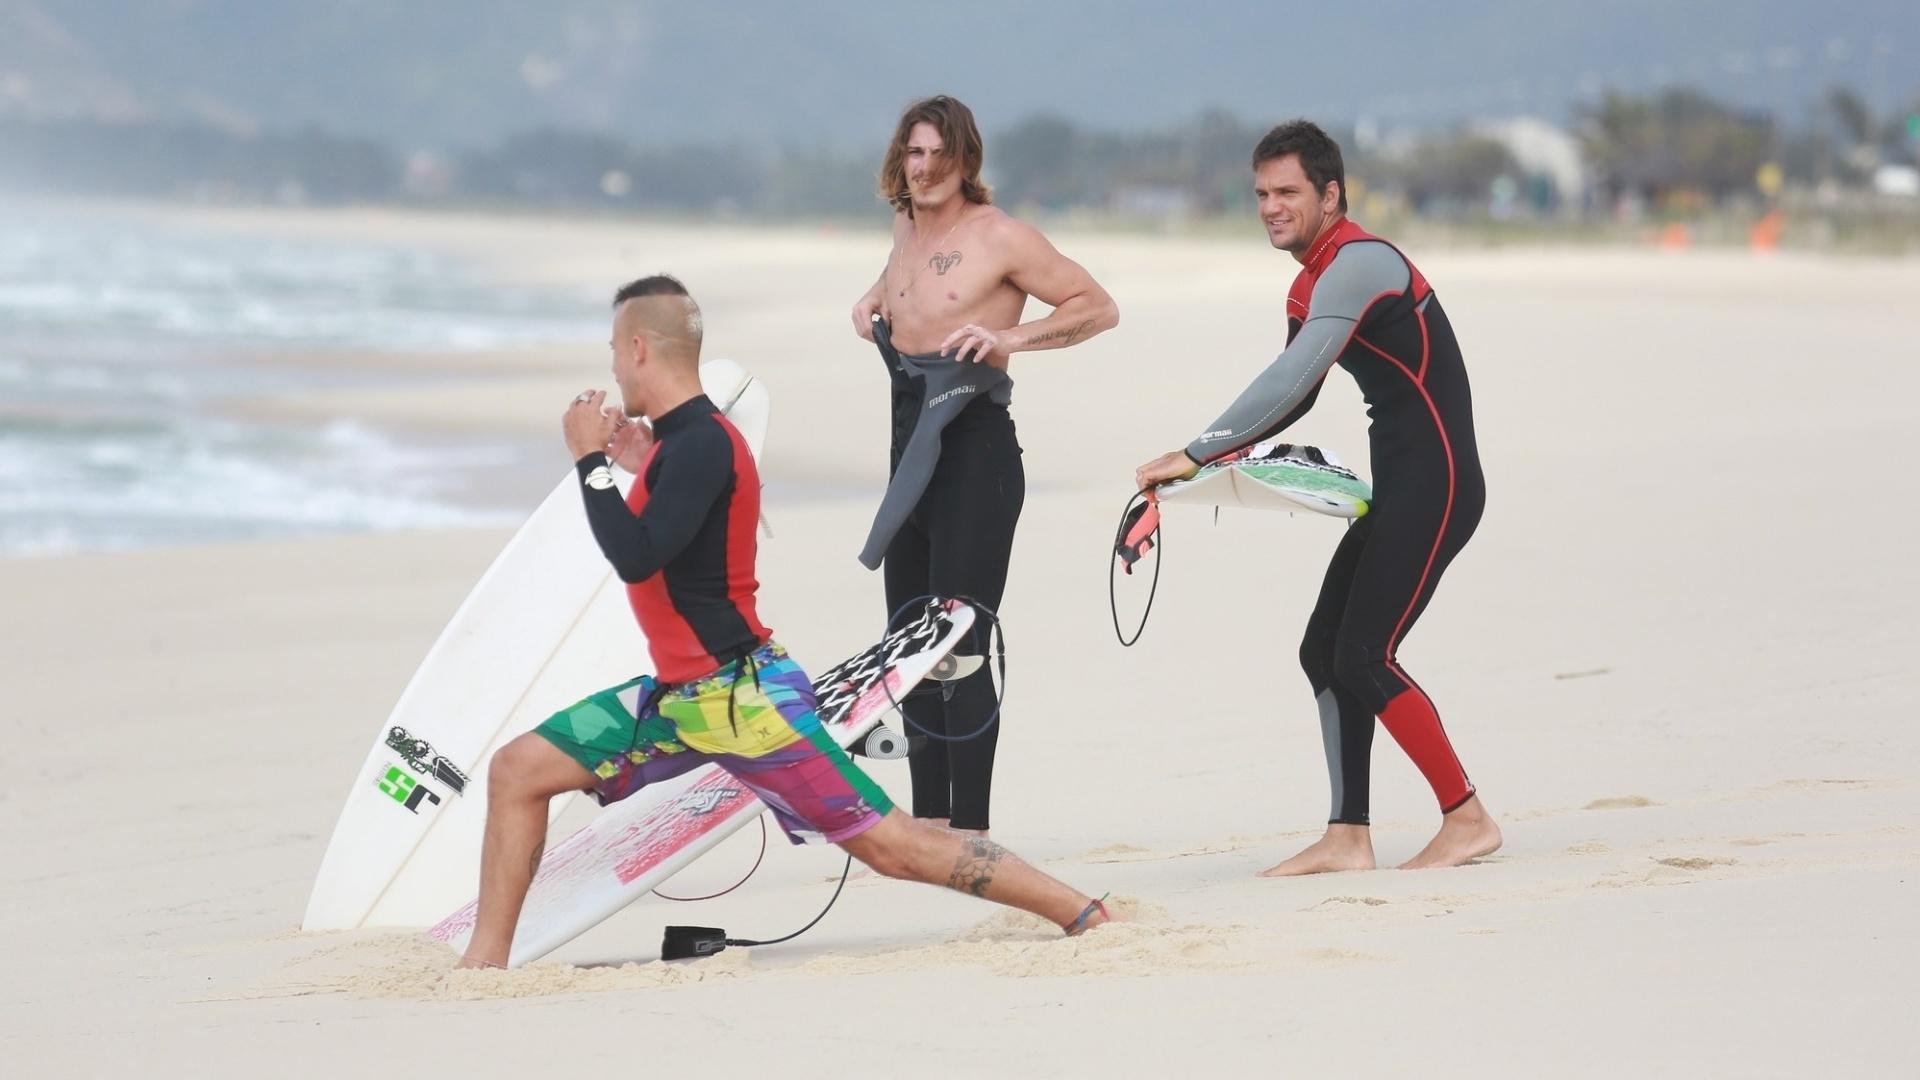 23.out.2014 - Na praia da Reserva, Paulinho Vilhena se alonga ao lado de Rômulo Neto e amigo na areia, antes de surfar